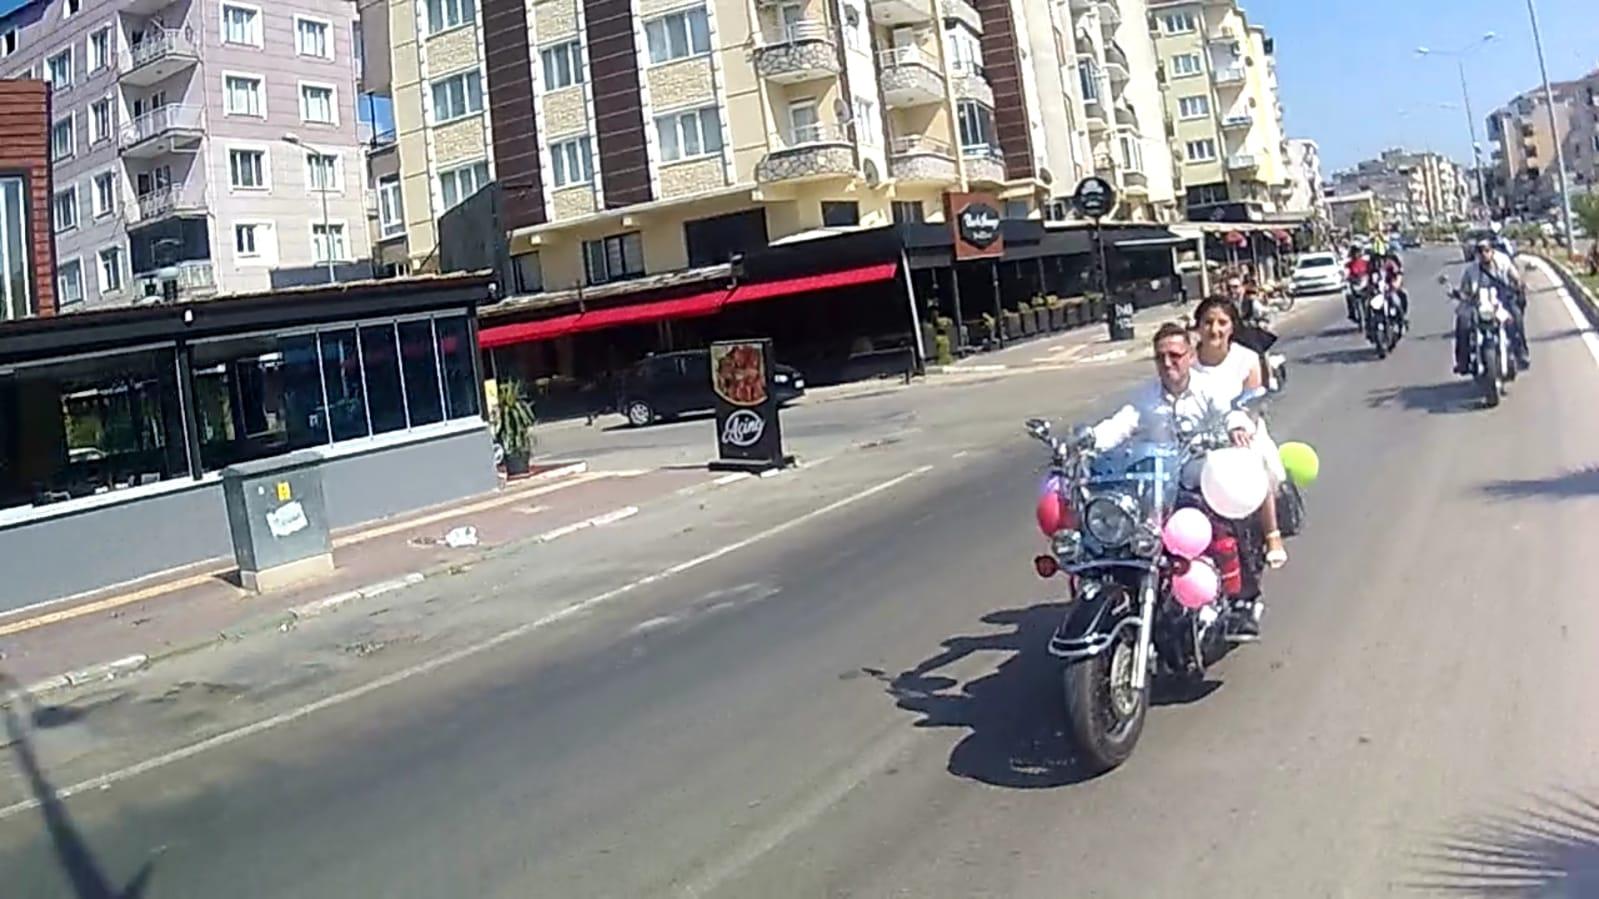 Genç motorcular dünya evine girdi